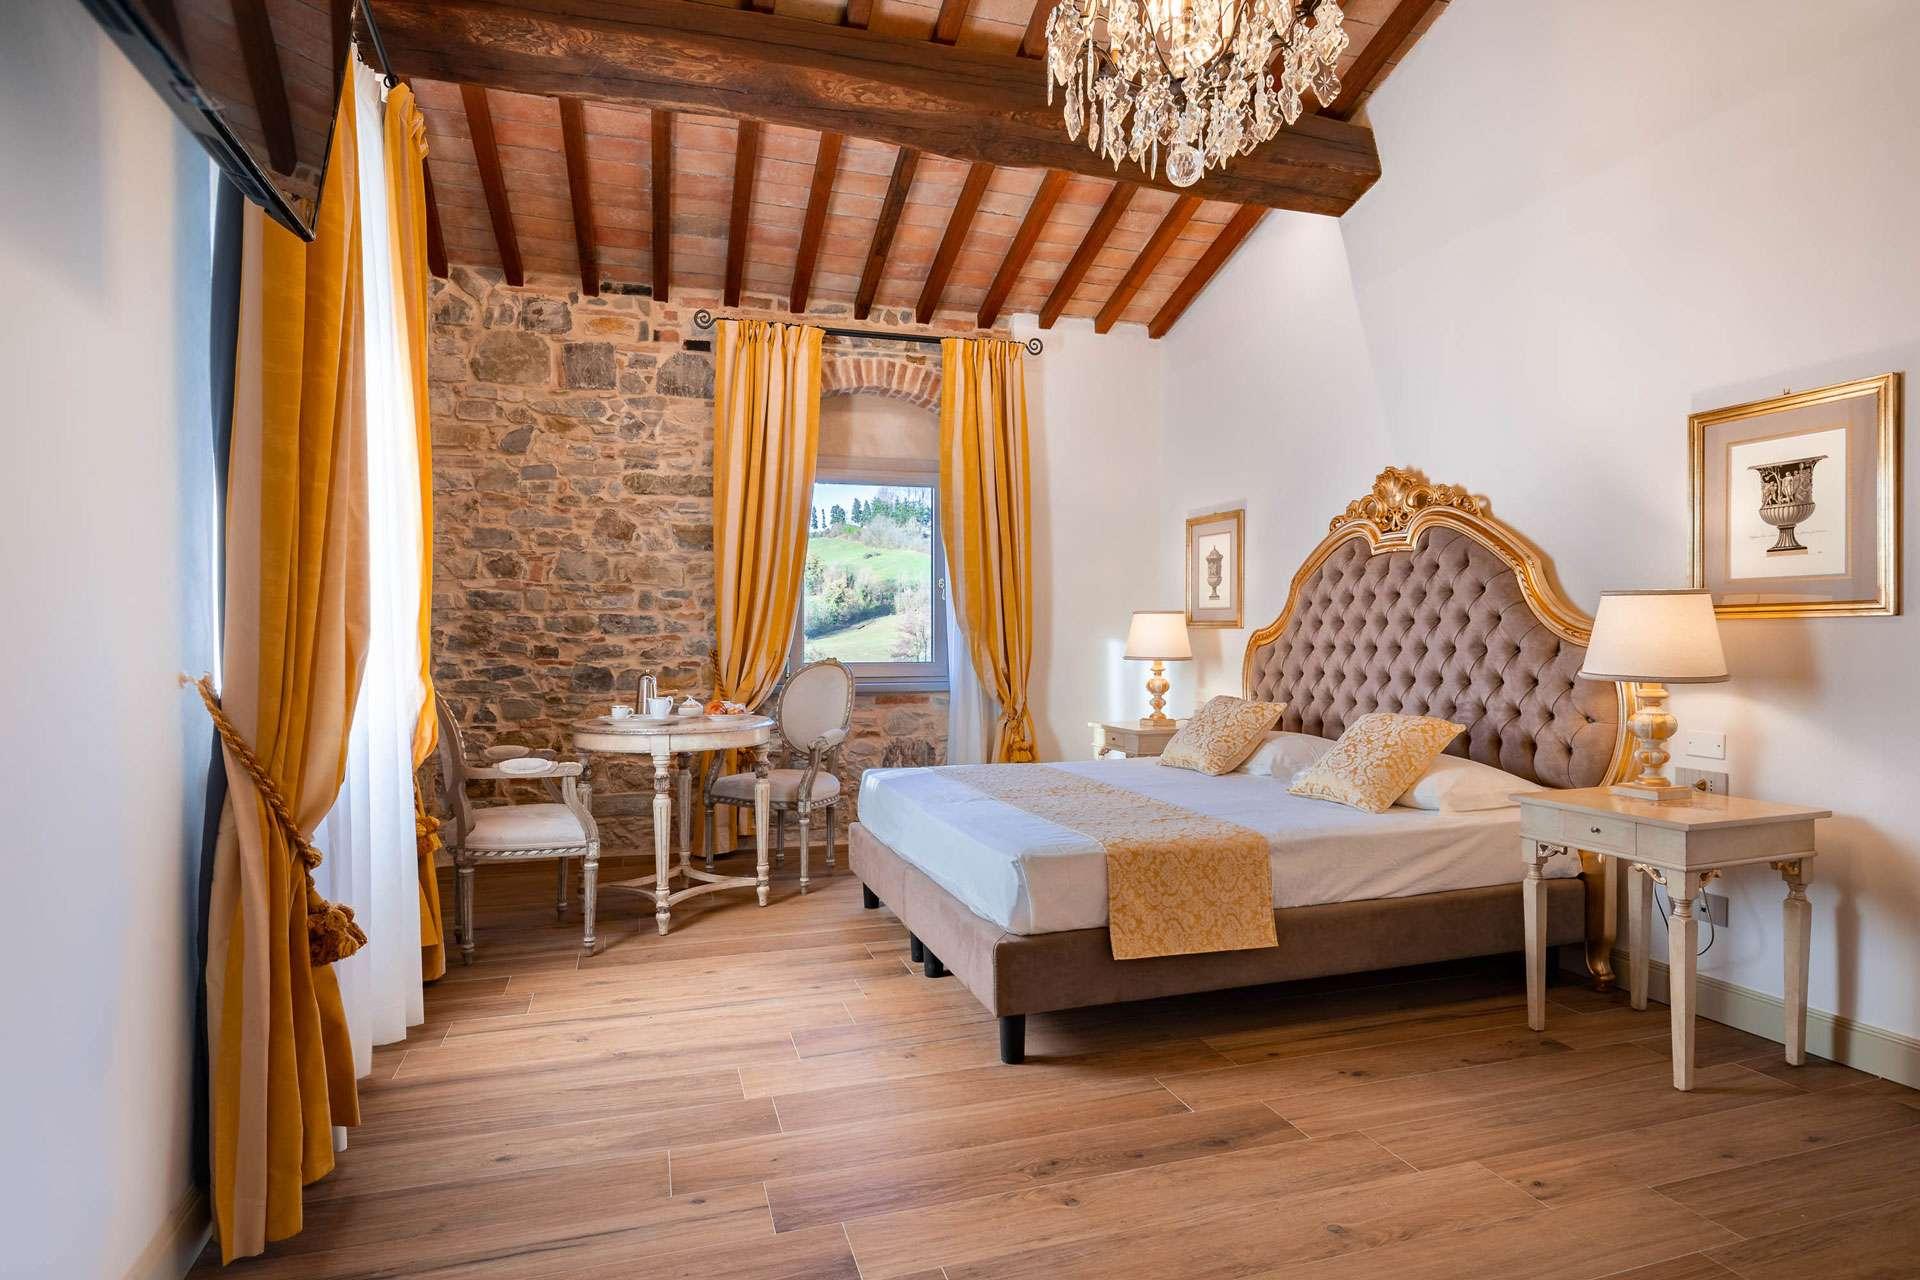 Con muri in pietra a vista e travi in legno questa è una delle più belle Camere in agriturismo vicino a Firenze